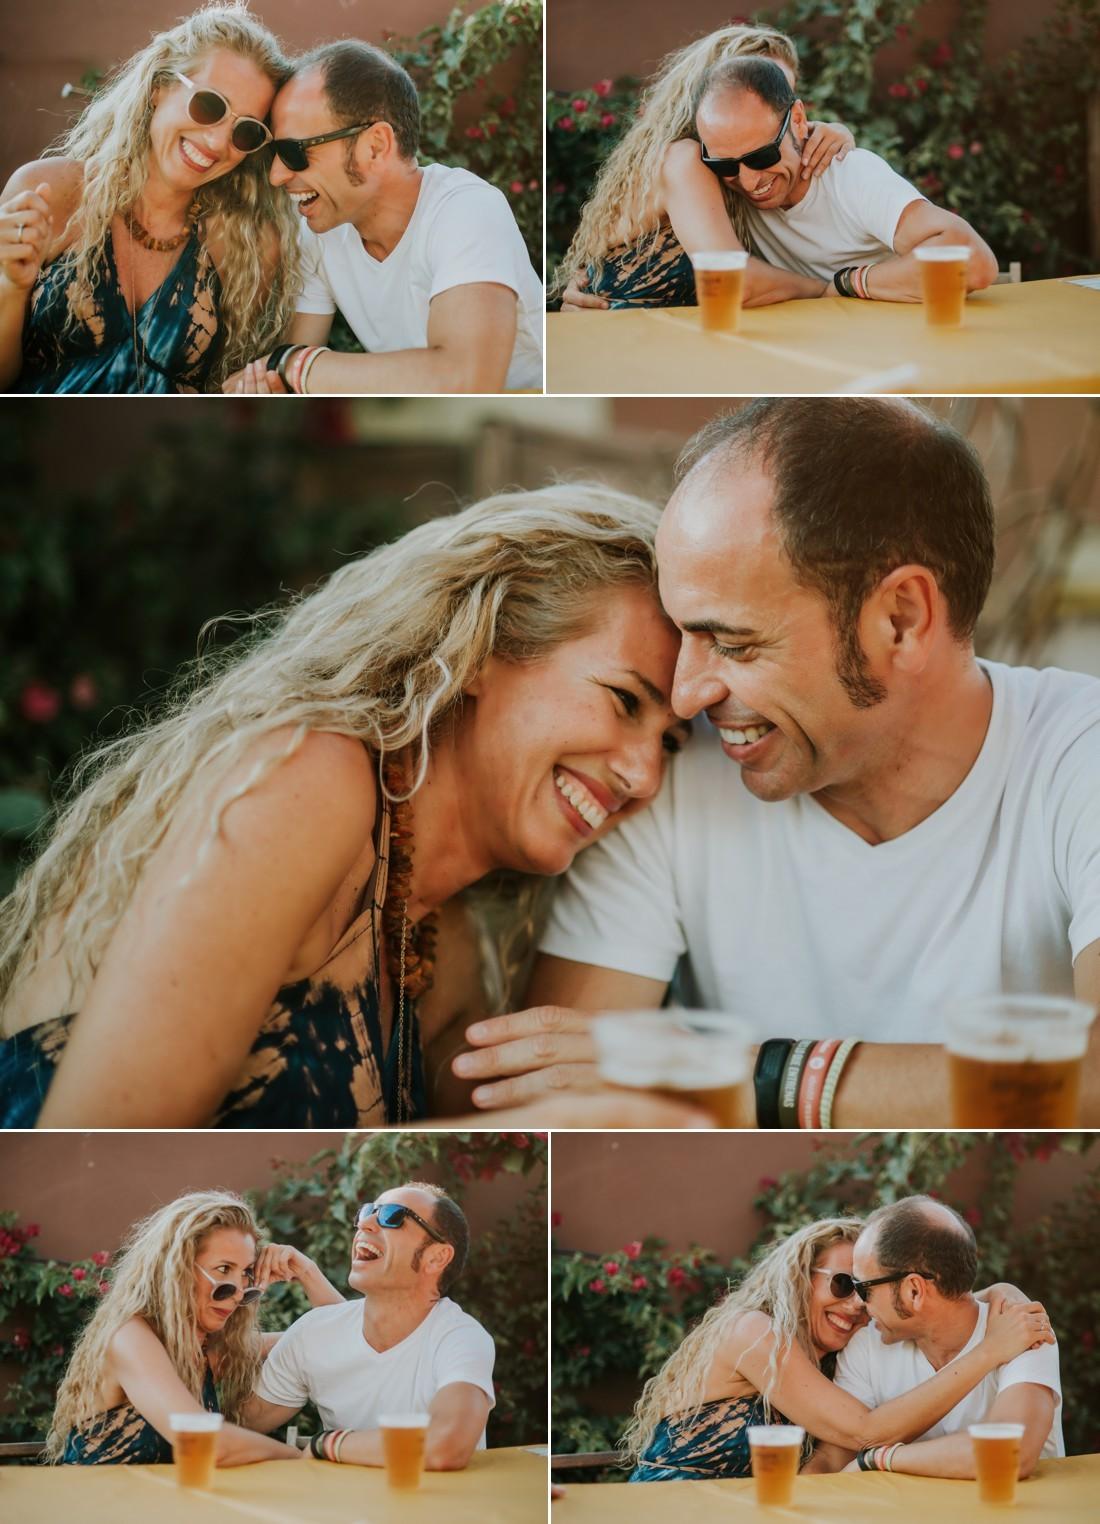 fotografo-tenerife-preboda-finca makay-boda-0002